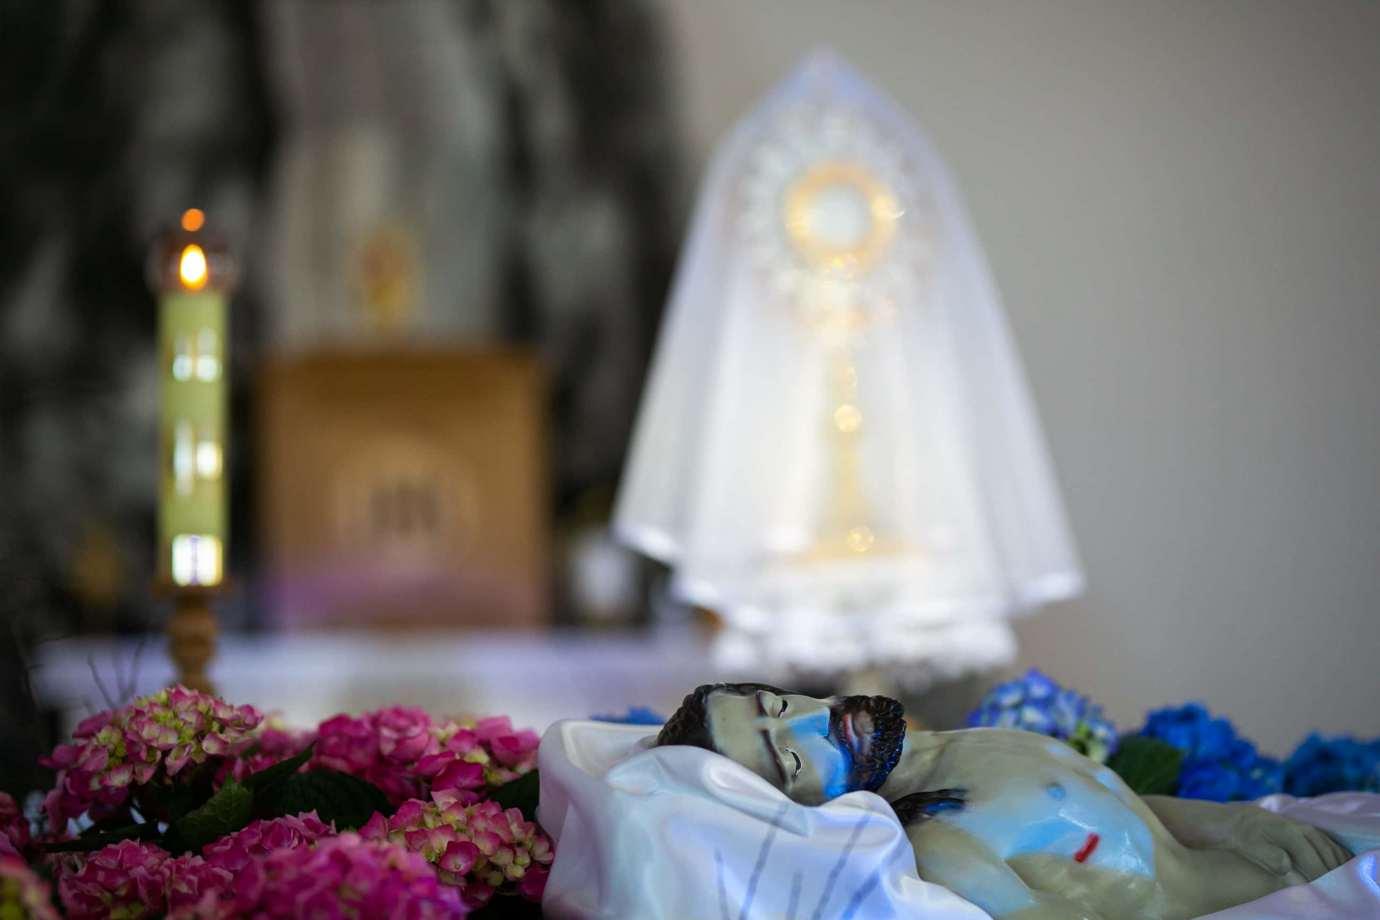 parafia pw swietego brata alberta w zamosciu 11 Zdjęcia grobów pańskich w zamojskich świątyniach